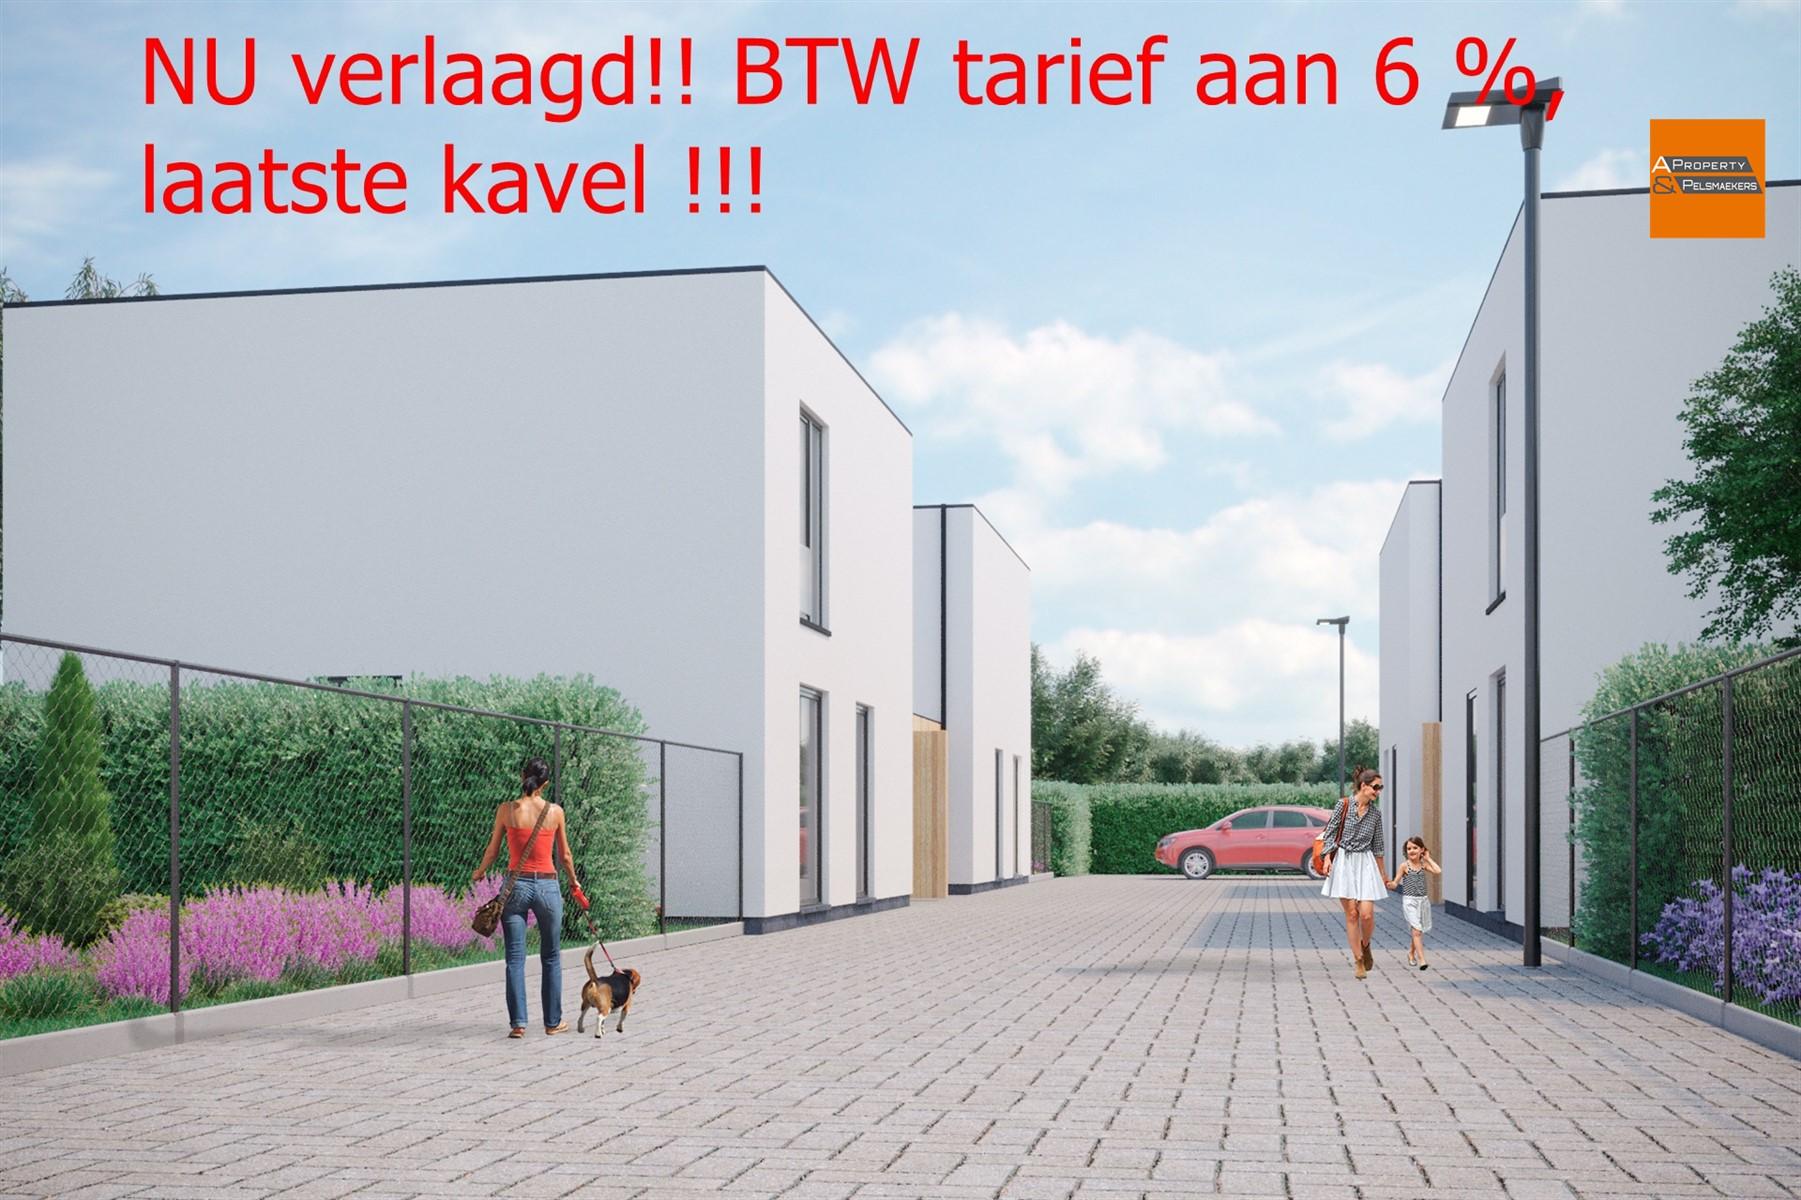 Nieuwbouw : Verkaveling Adelhof 8 loten voor nieuwbouw woningen in MEERBEEK (3078) - Prijs Van € 484.500 tot € 504.990